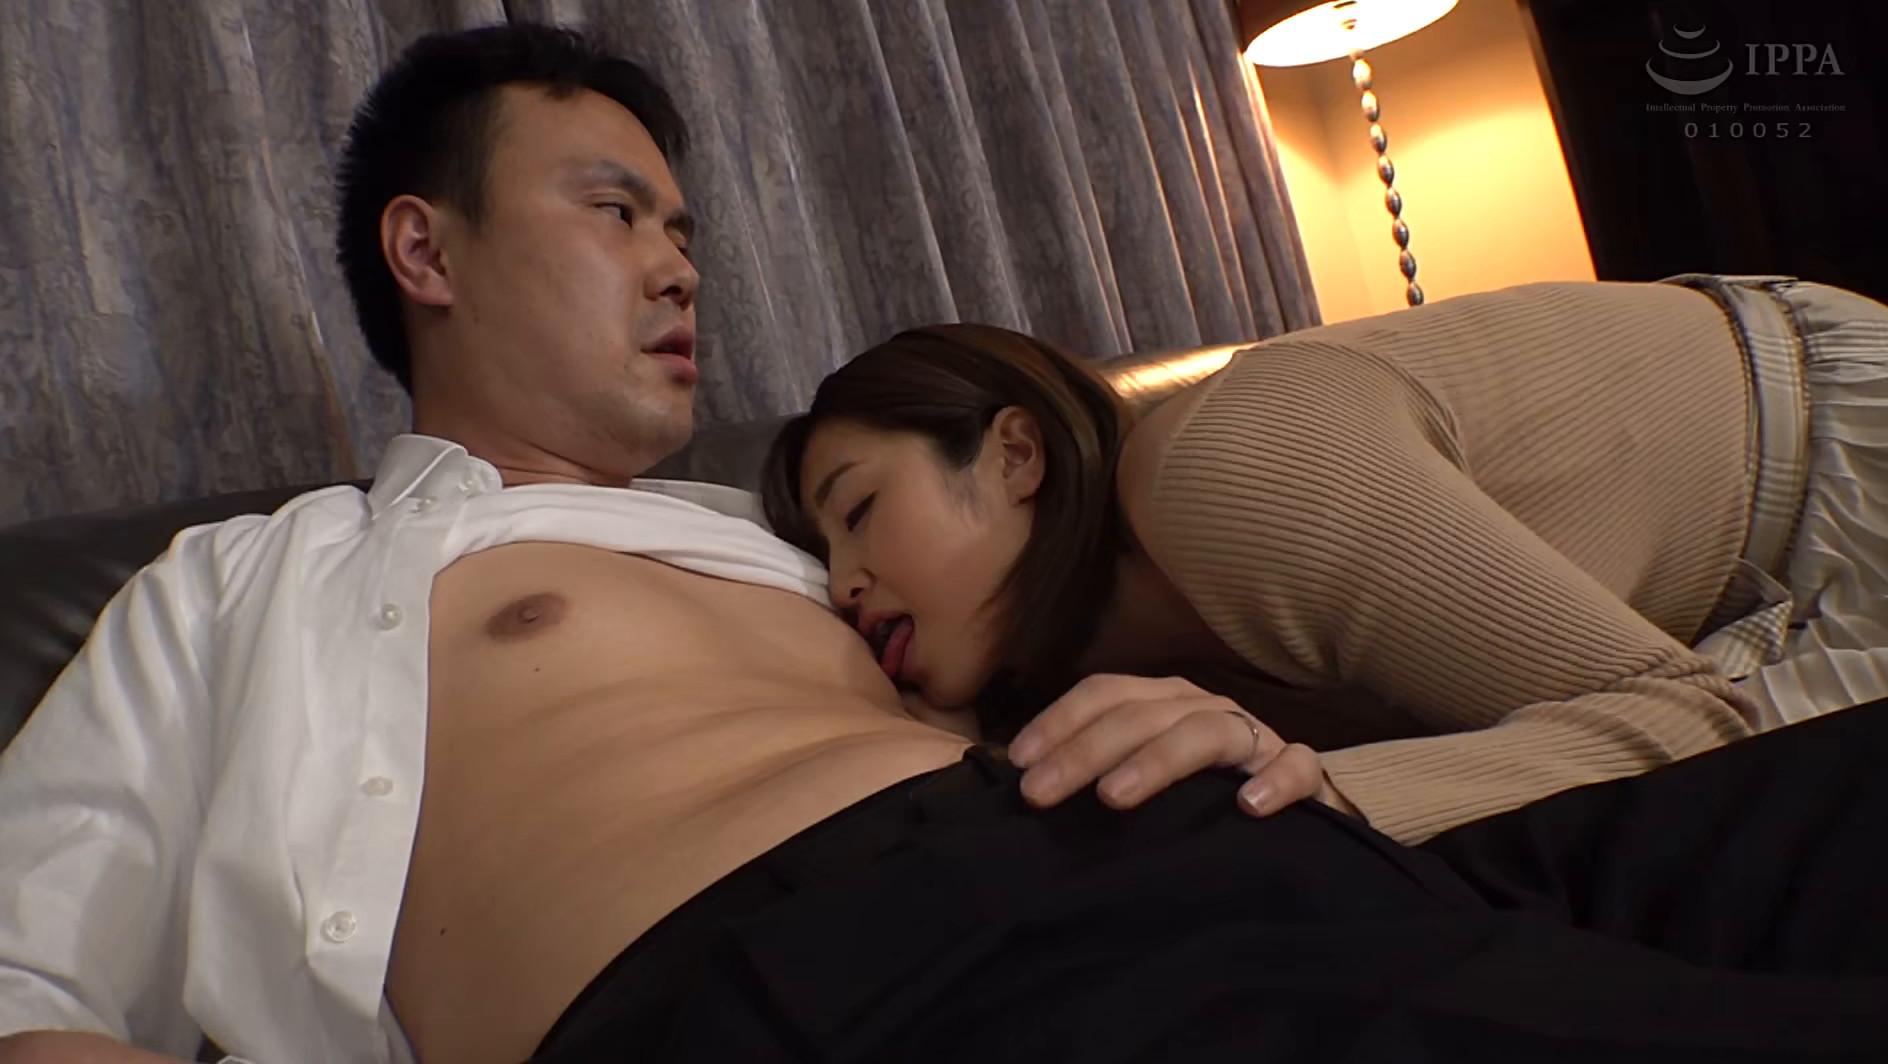 夫の不正で揺すられ貞操を汚された新米主婦 宮森みすず 画像3